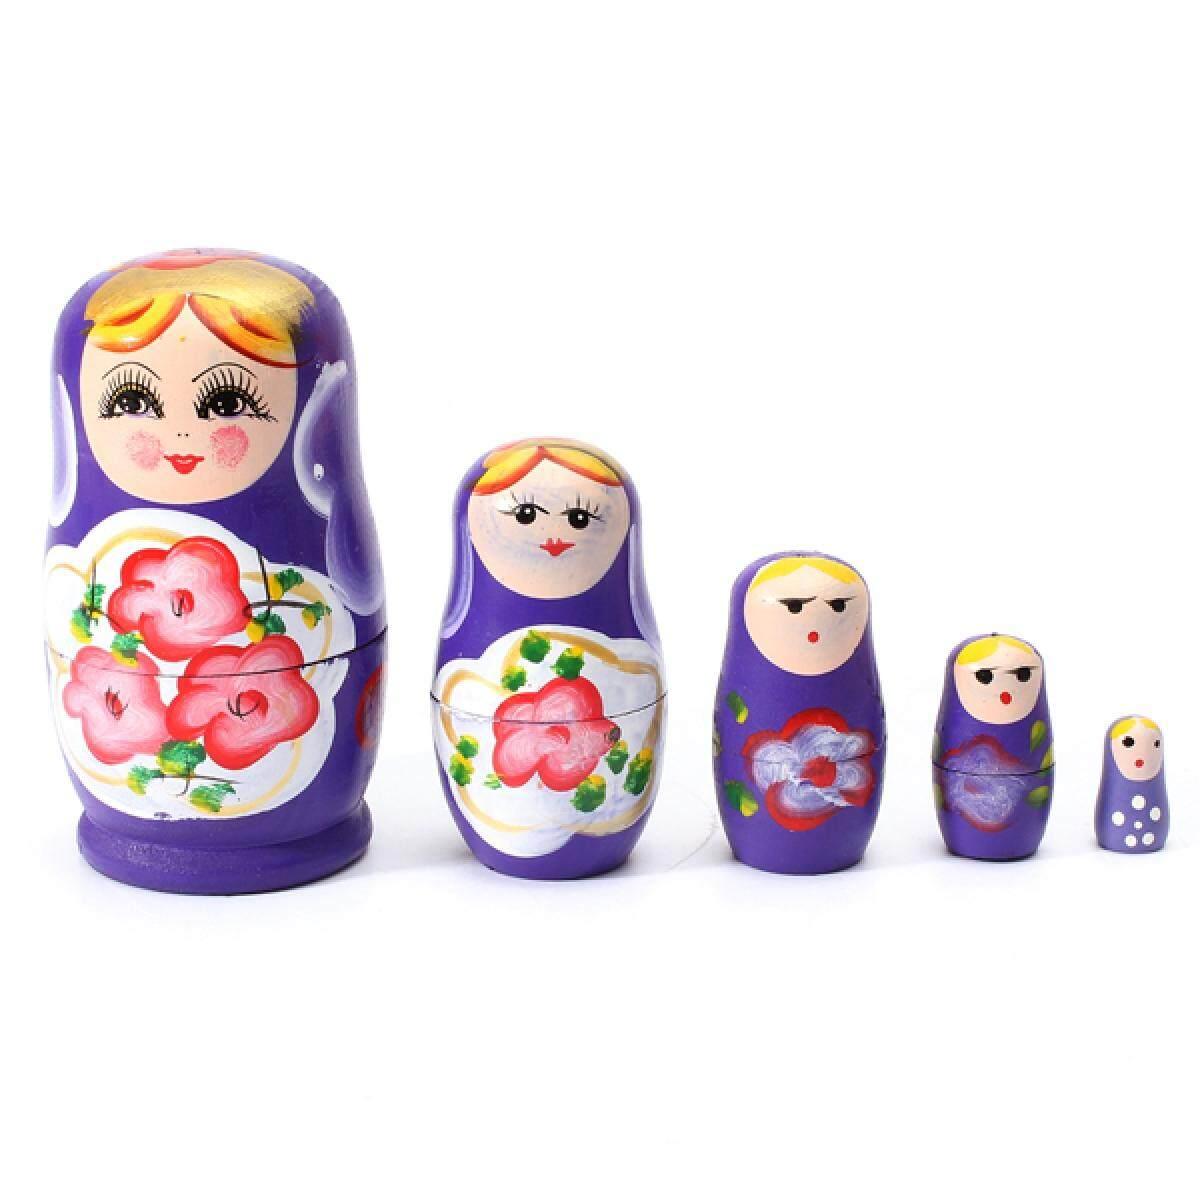 1 ชุด 5 Pcs Matryoshka รัสเซียตุ๊กตาของเล่นตุ๊กตาไม้เด็กของเล่นสีม่วง By Rkpujis.